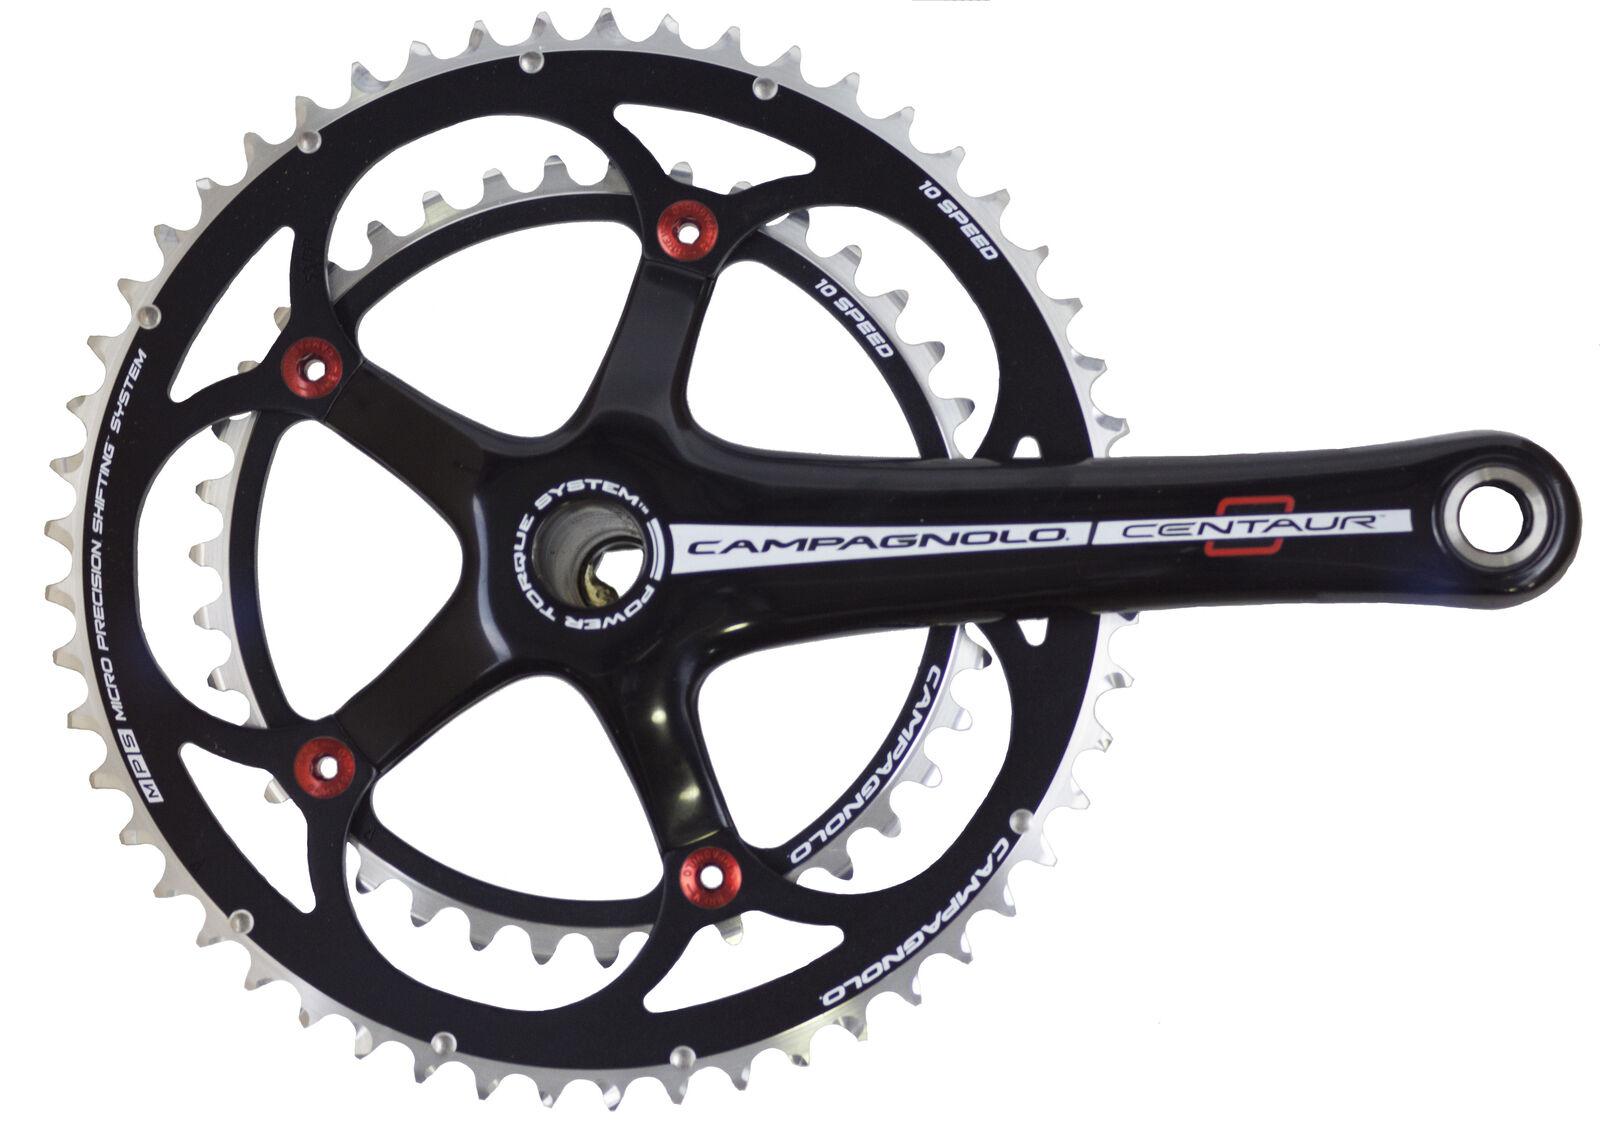 Campagnolo Centauro Negro Rojo Power-Par De Torsión 10 velocidad doble compacto 34 50 - 172.5mm